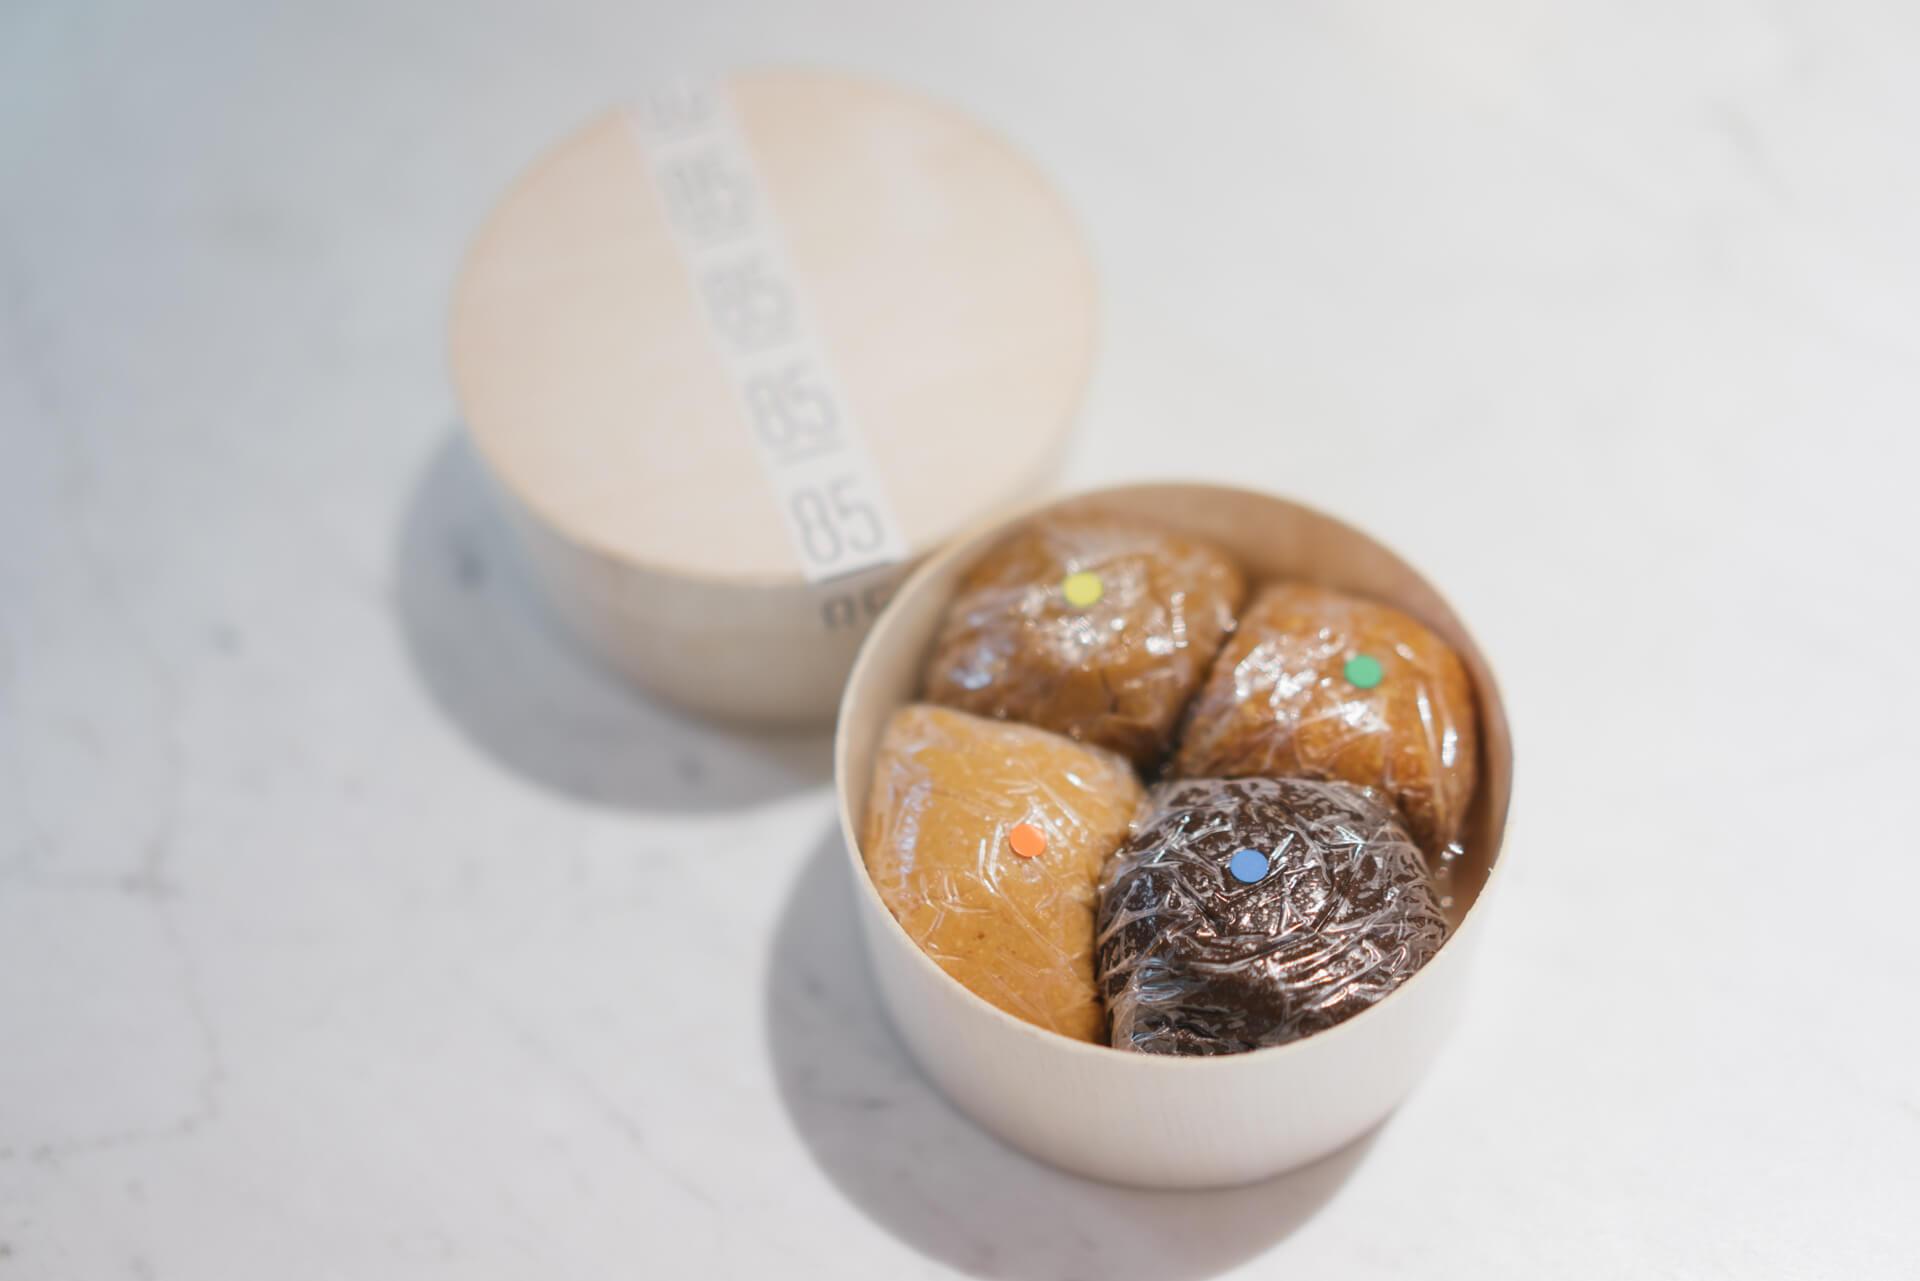 アイスクリームをすくうスクープで「1玉(50g)」単位で量り売りしてくださいます。ひとり暮らしでも、いろんな種類の味噌を食べ比べしてみることができますね。